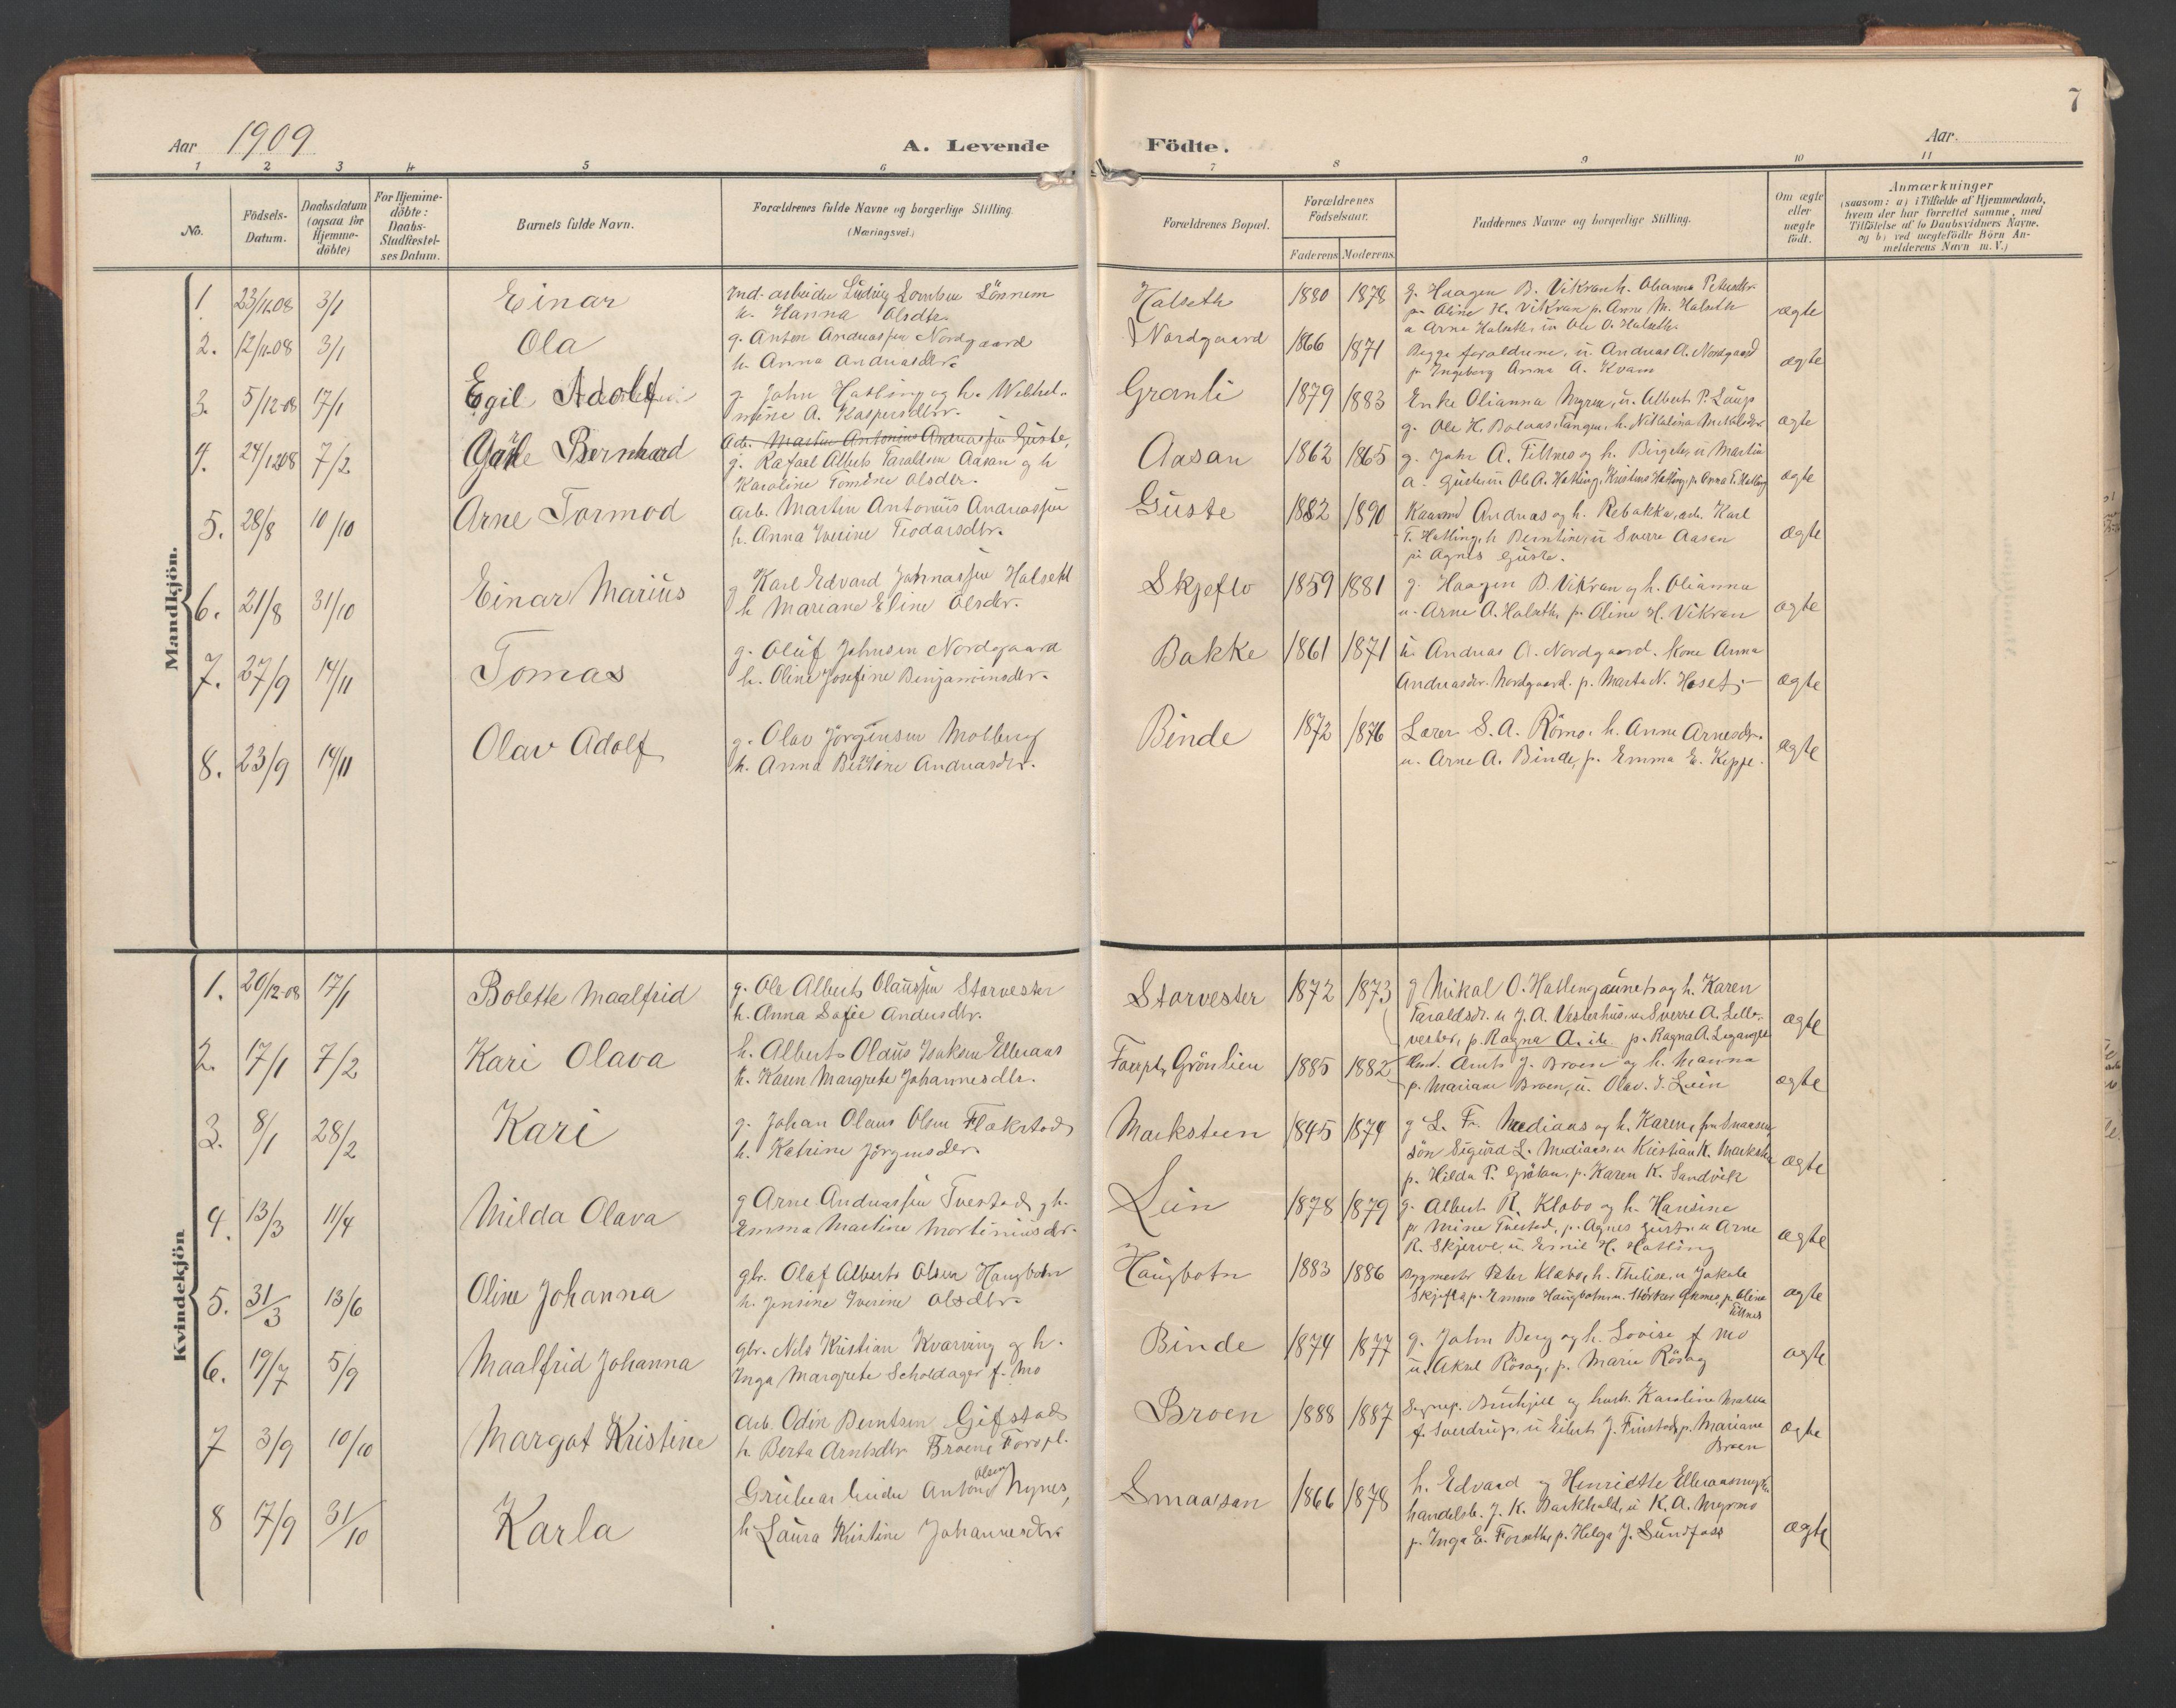 SAT, Ministerialprotokoller, klokkerbøker og fødselsregistre - Nord-Trøndelag, 746/L0455: Klokkerbok nr. 746C01, 1908-1933, s. 7